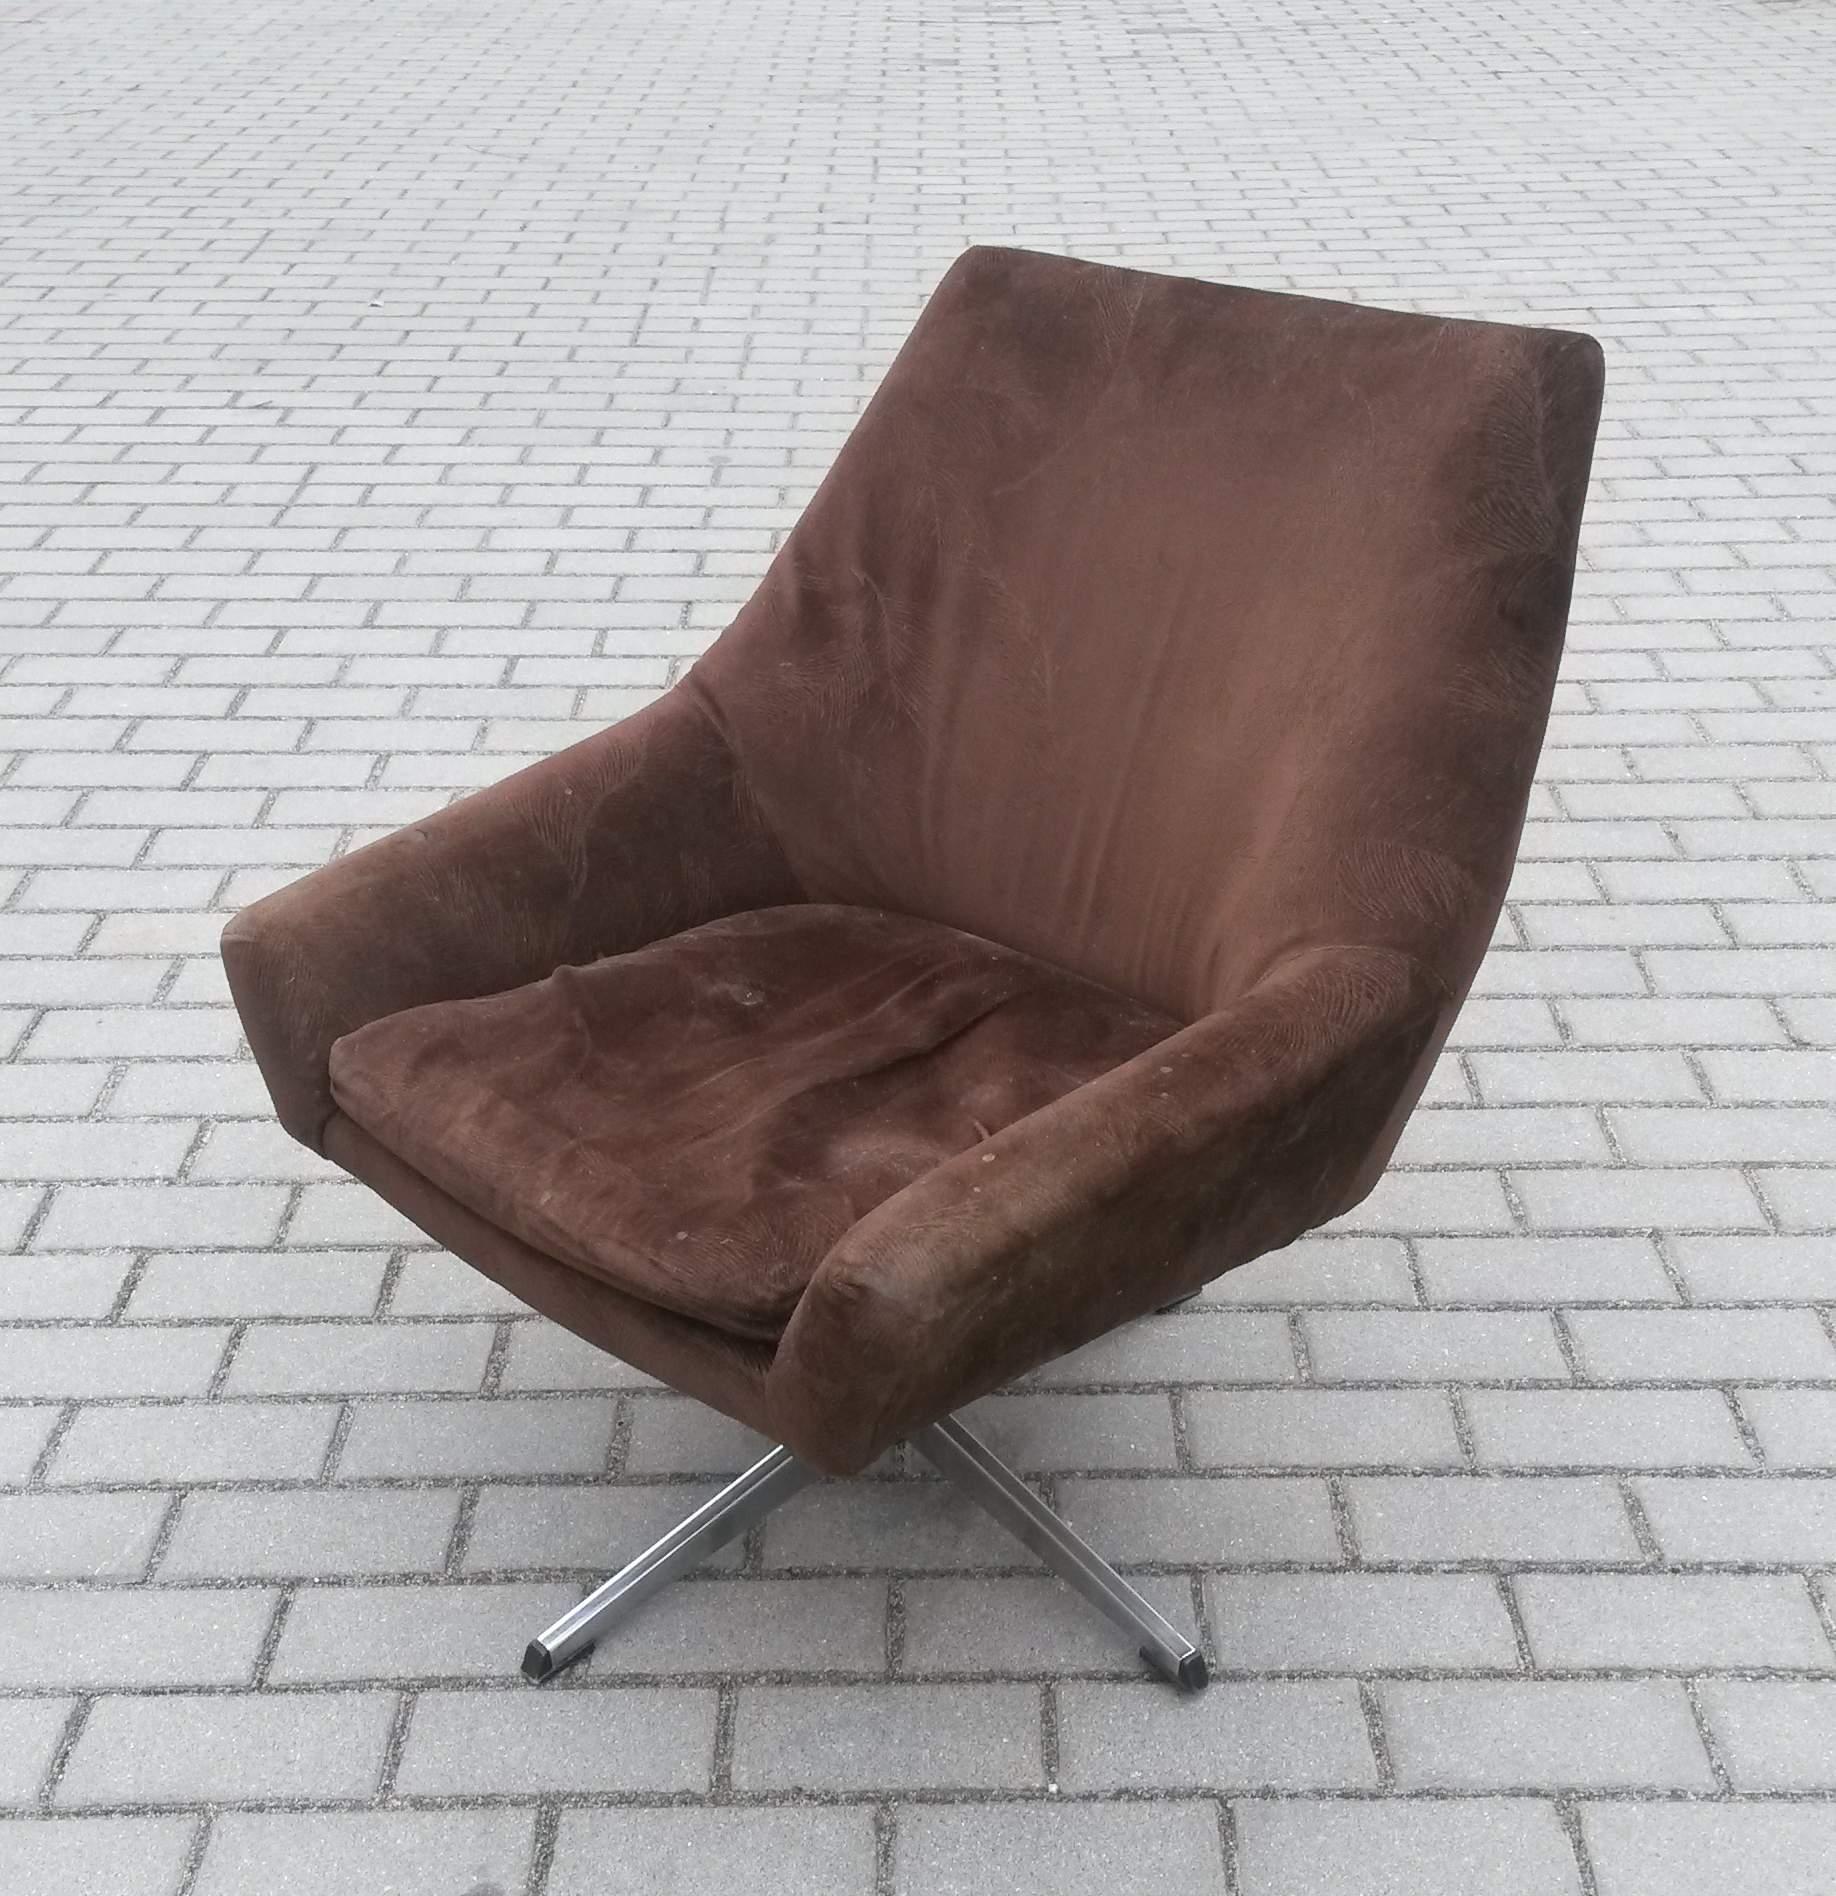 Fotel Obrotowy Muszelka Z Lat 60 70 Tych Prl